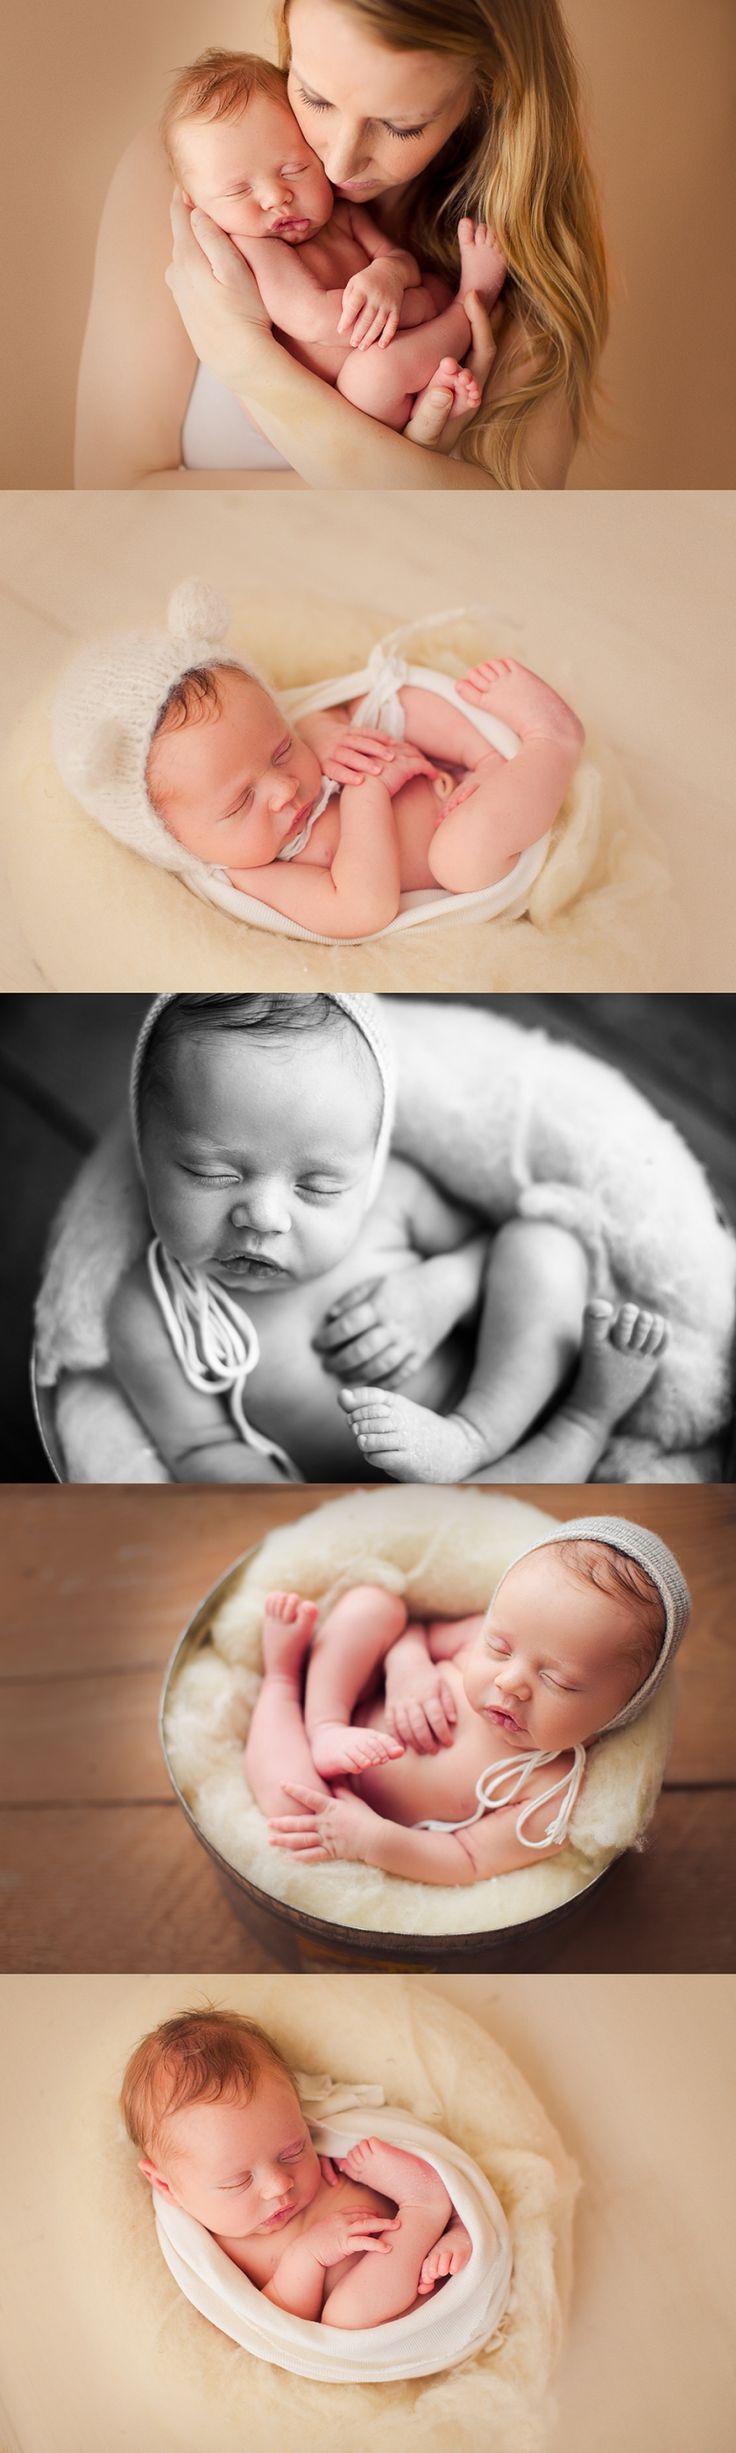 Like pics 3 and 4